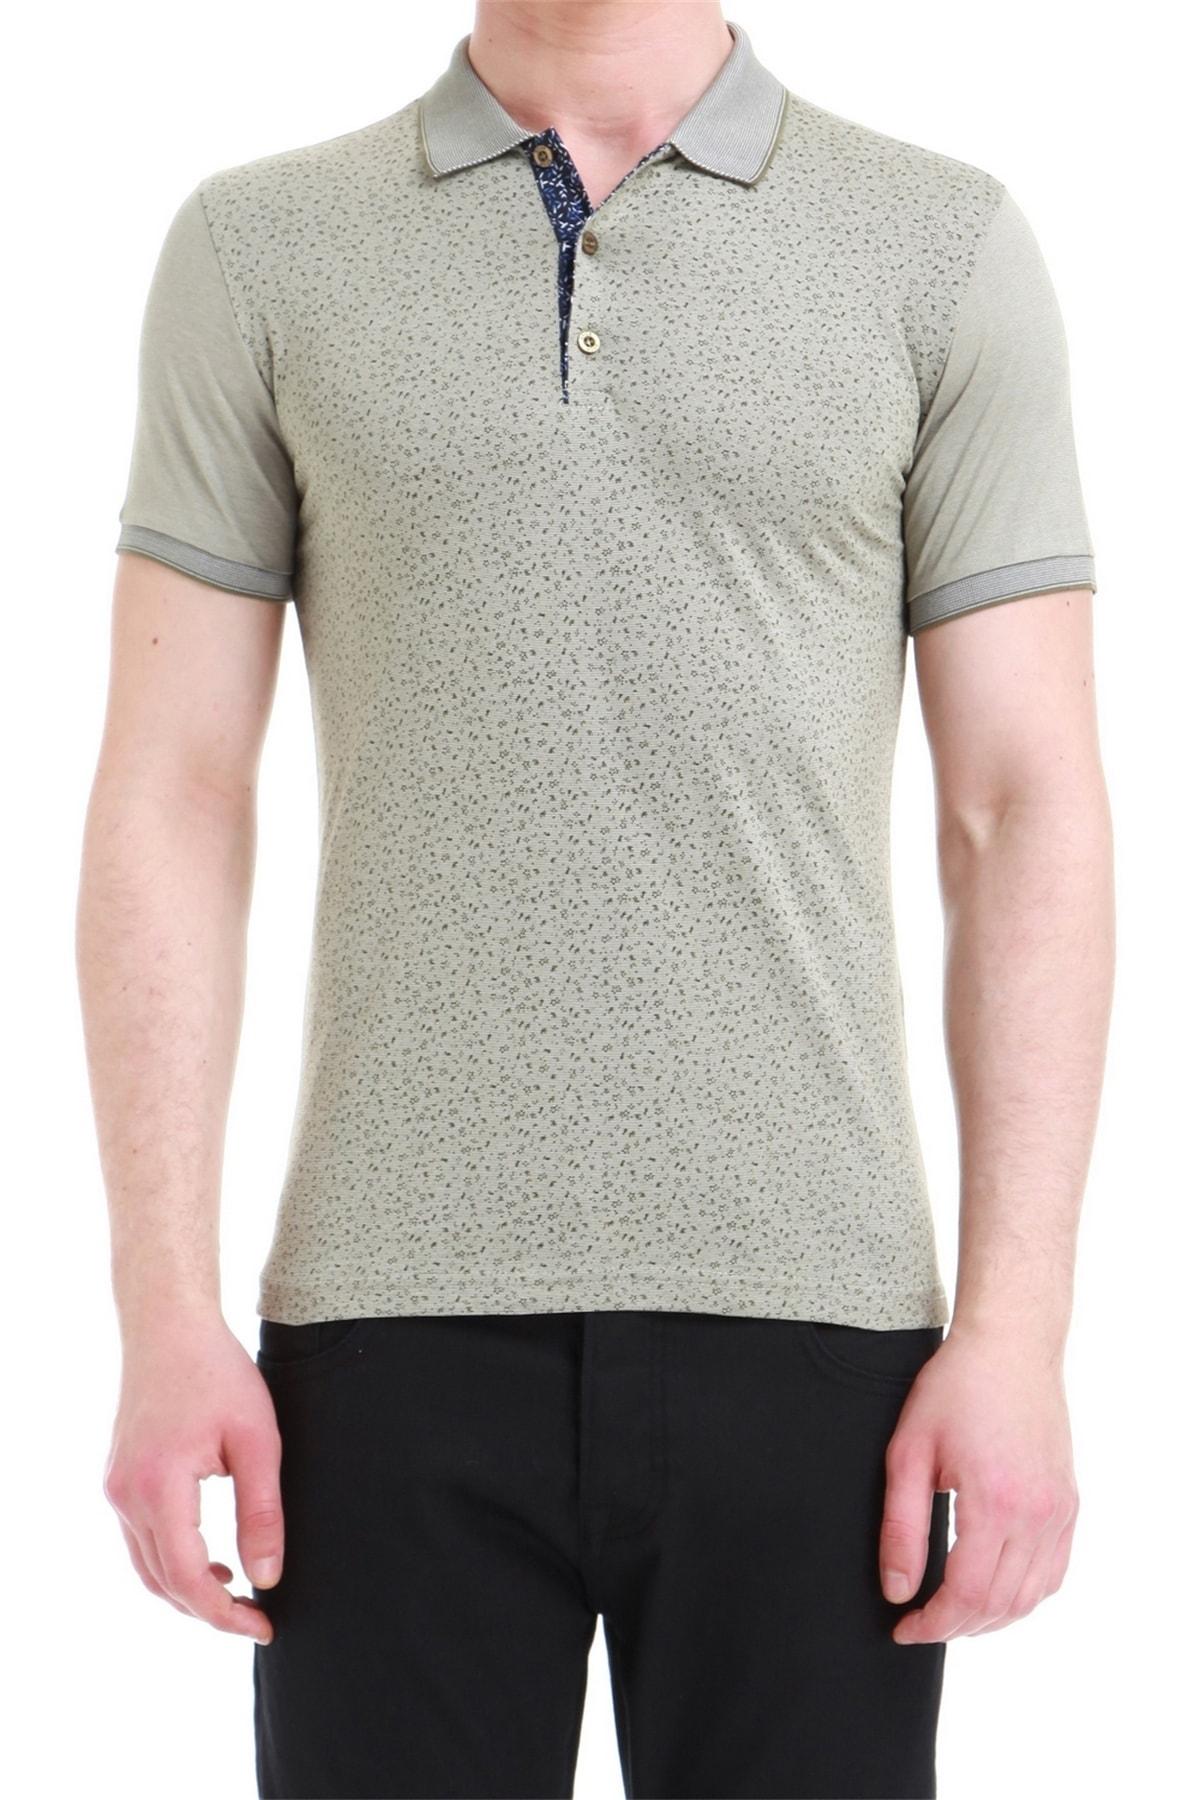 Efor Ts 736 Slim Fit Haki Spor T-shirt 1